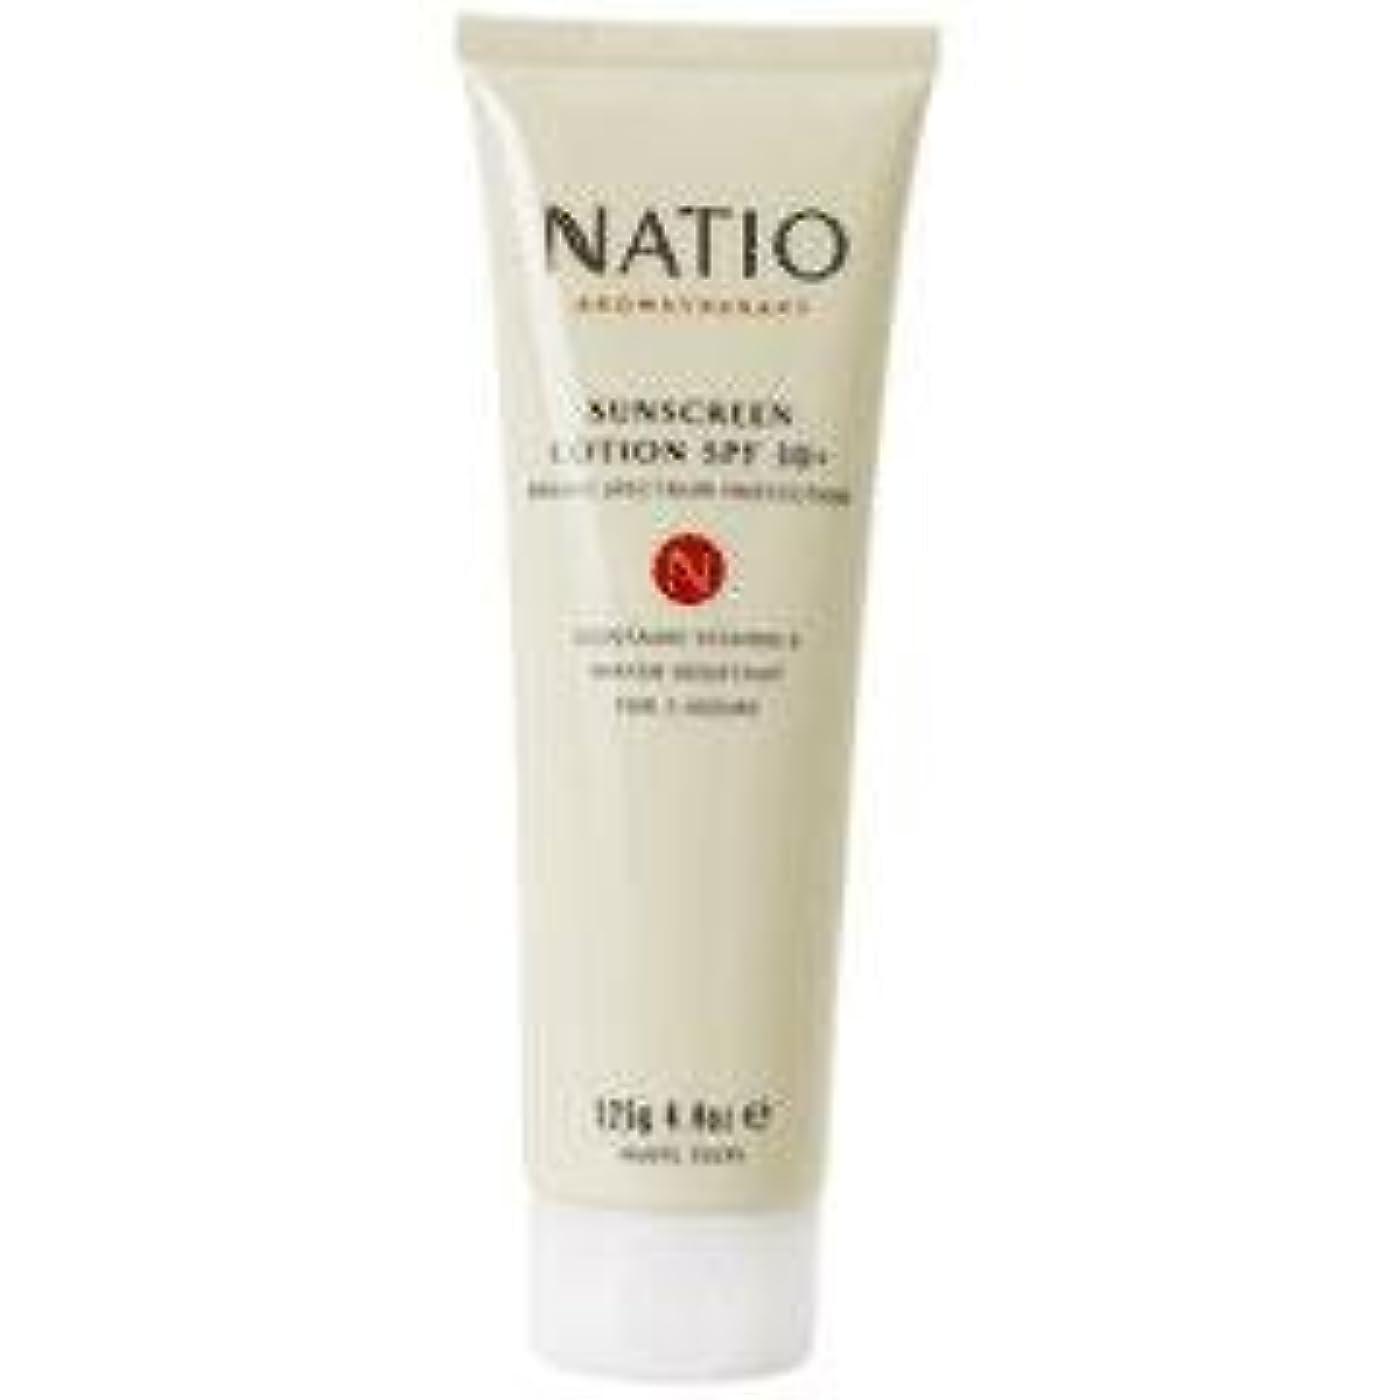 良さ描写同行【NATIO Aromatherapy Sunscreen Lotion SPF30+】 ナティオ  日焼け止めクリーム SPF30+ [海外直送品]